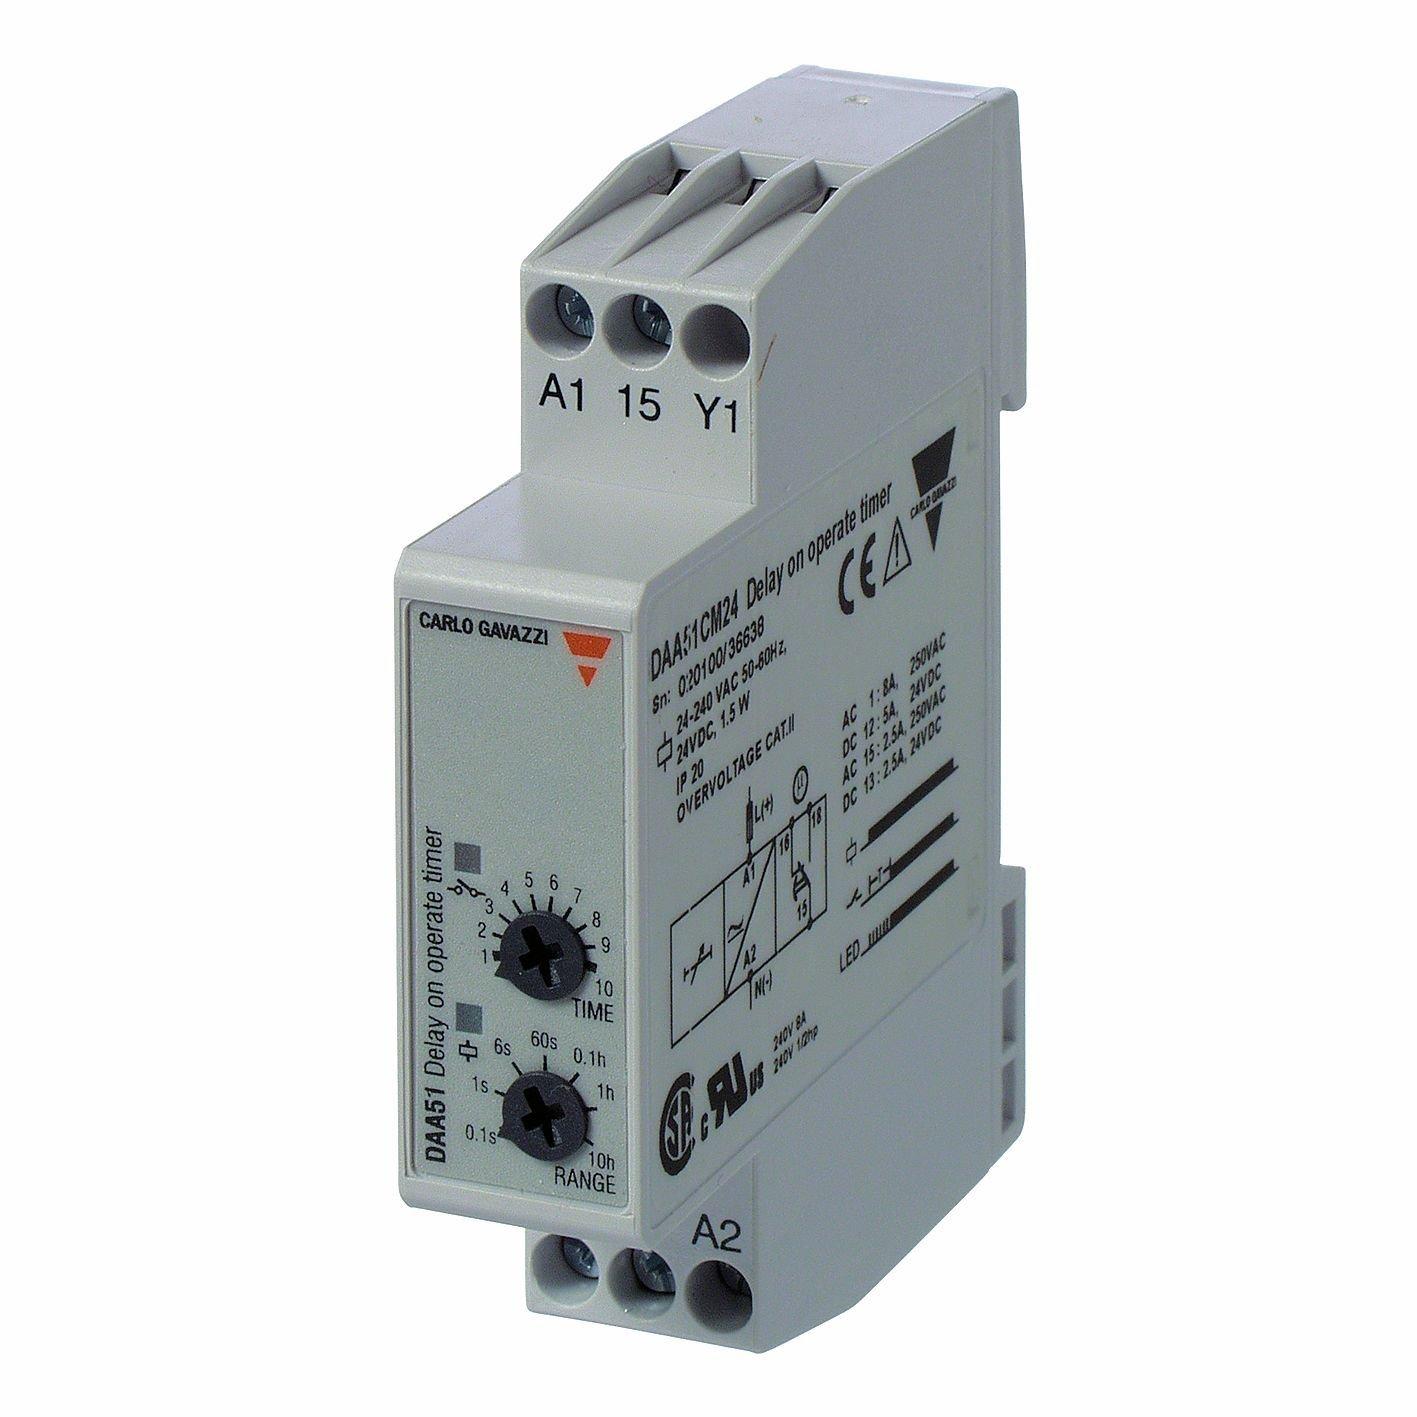 0caf7a5cf96 CARLO GAVAZZI DMB51CM24 Mini Multi Function Timer